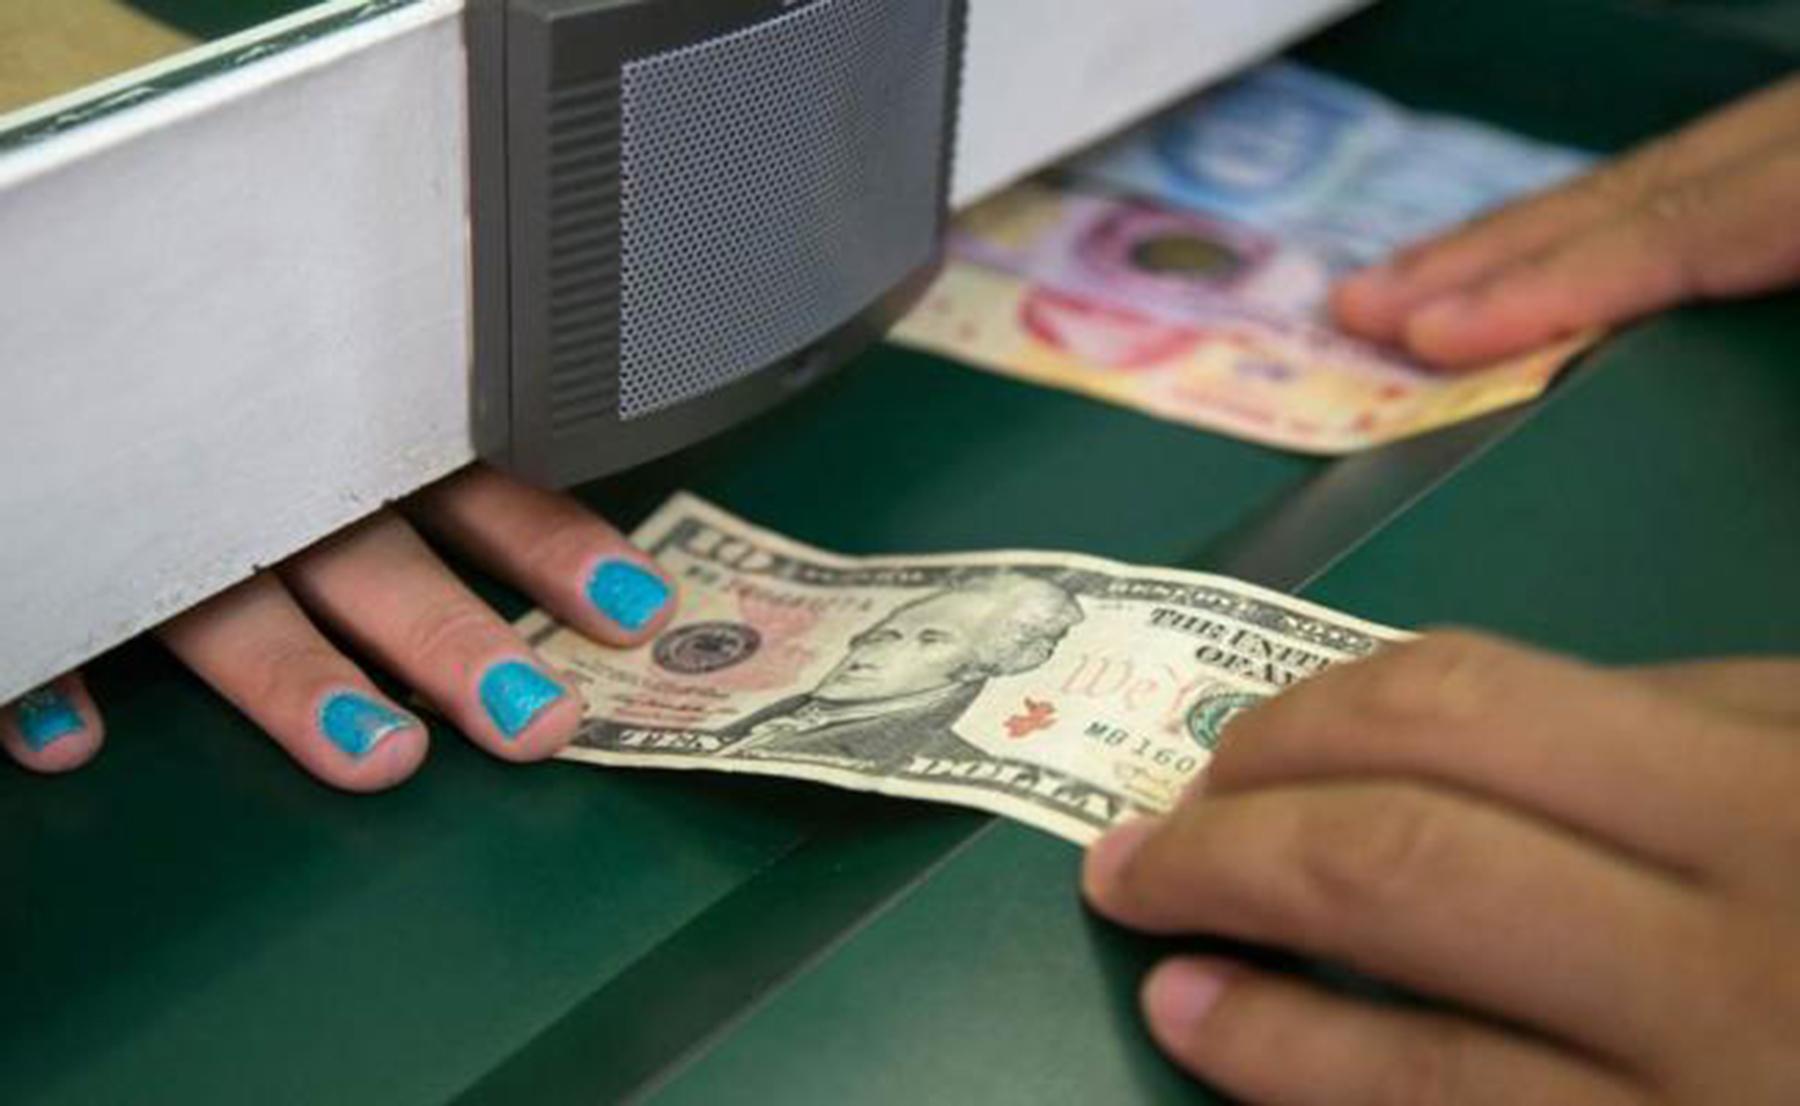 México podría recibir 30 mmdd en remesas al término de 2018